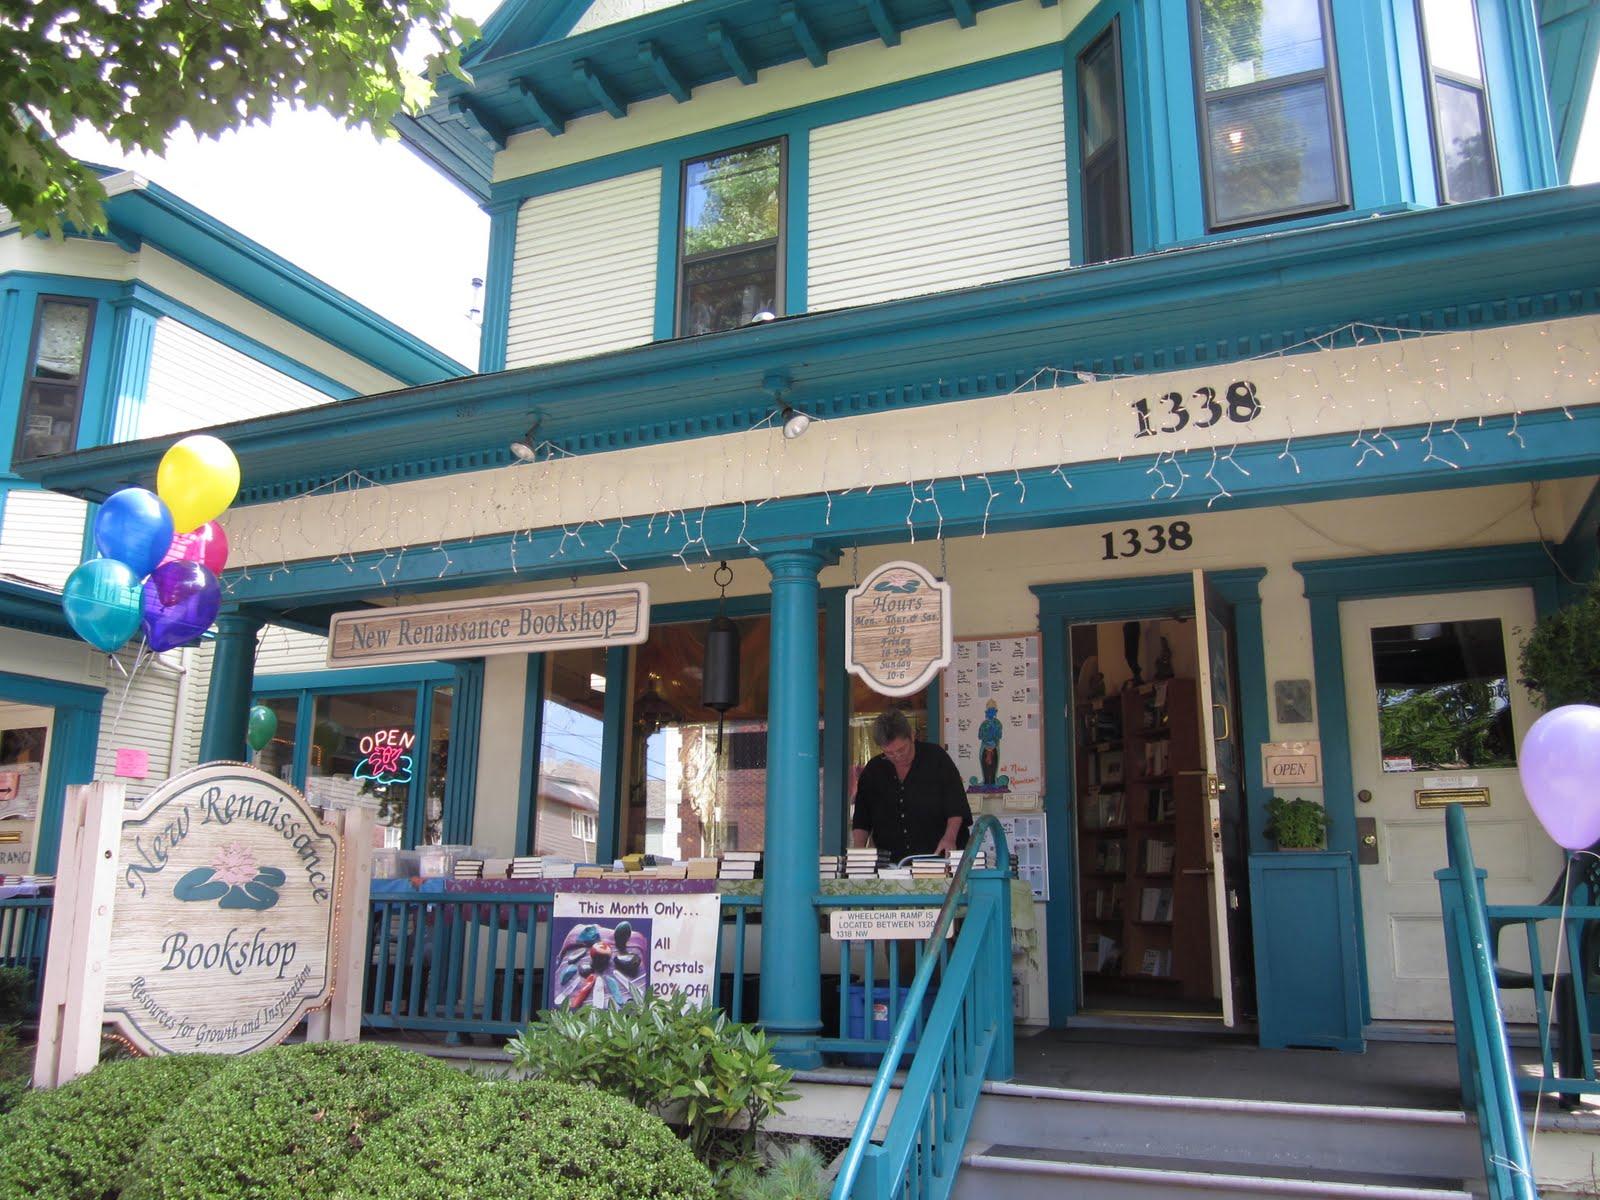 New Renaissance Bookshop image for Facebook